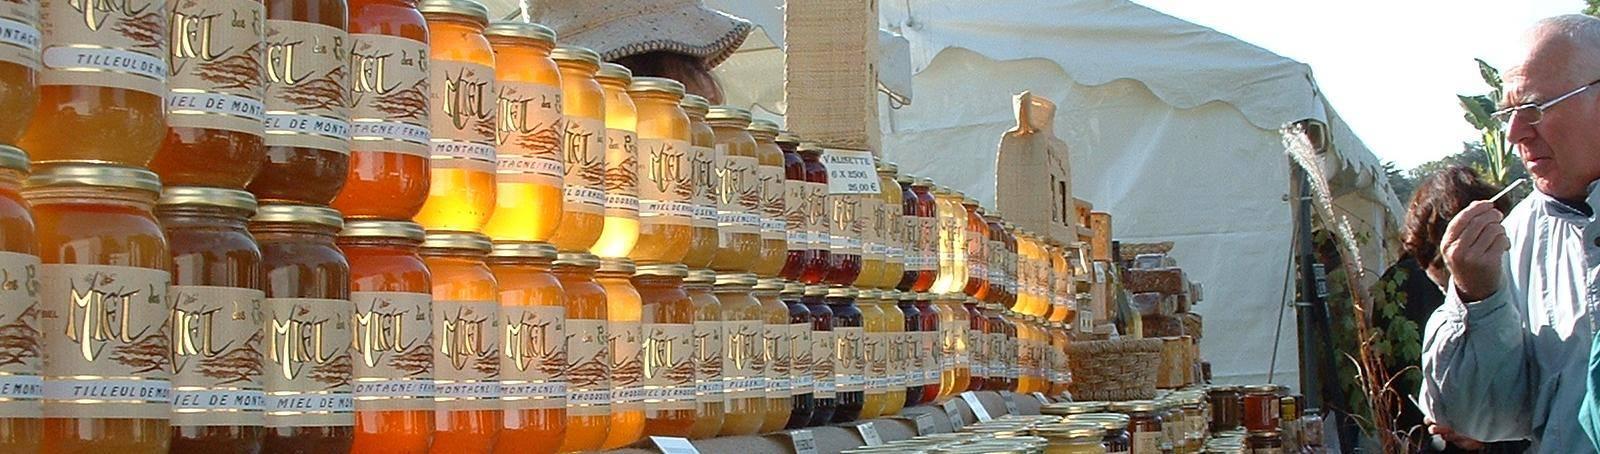 Stand de miel du Rucher de l'Ours